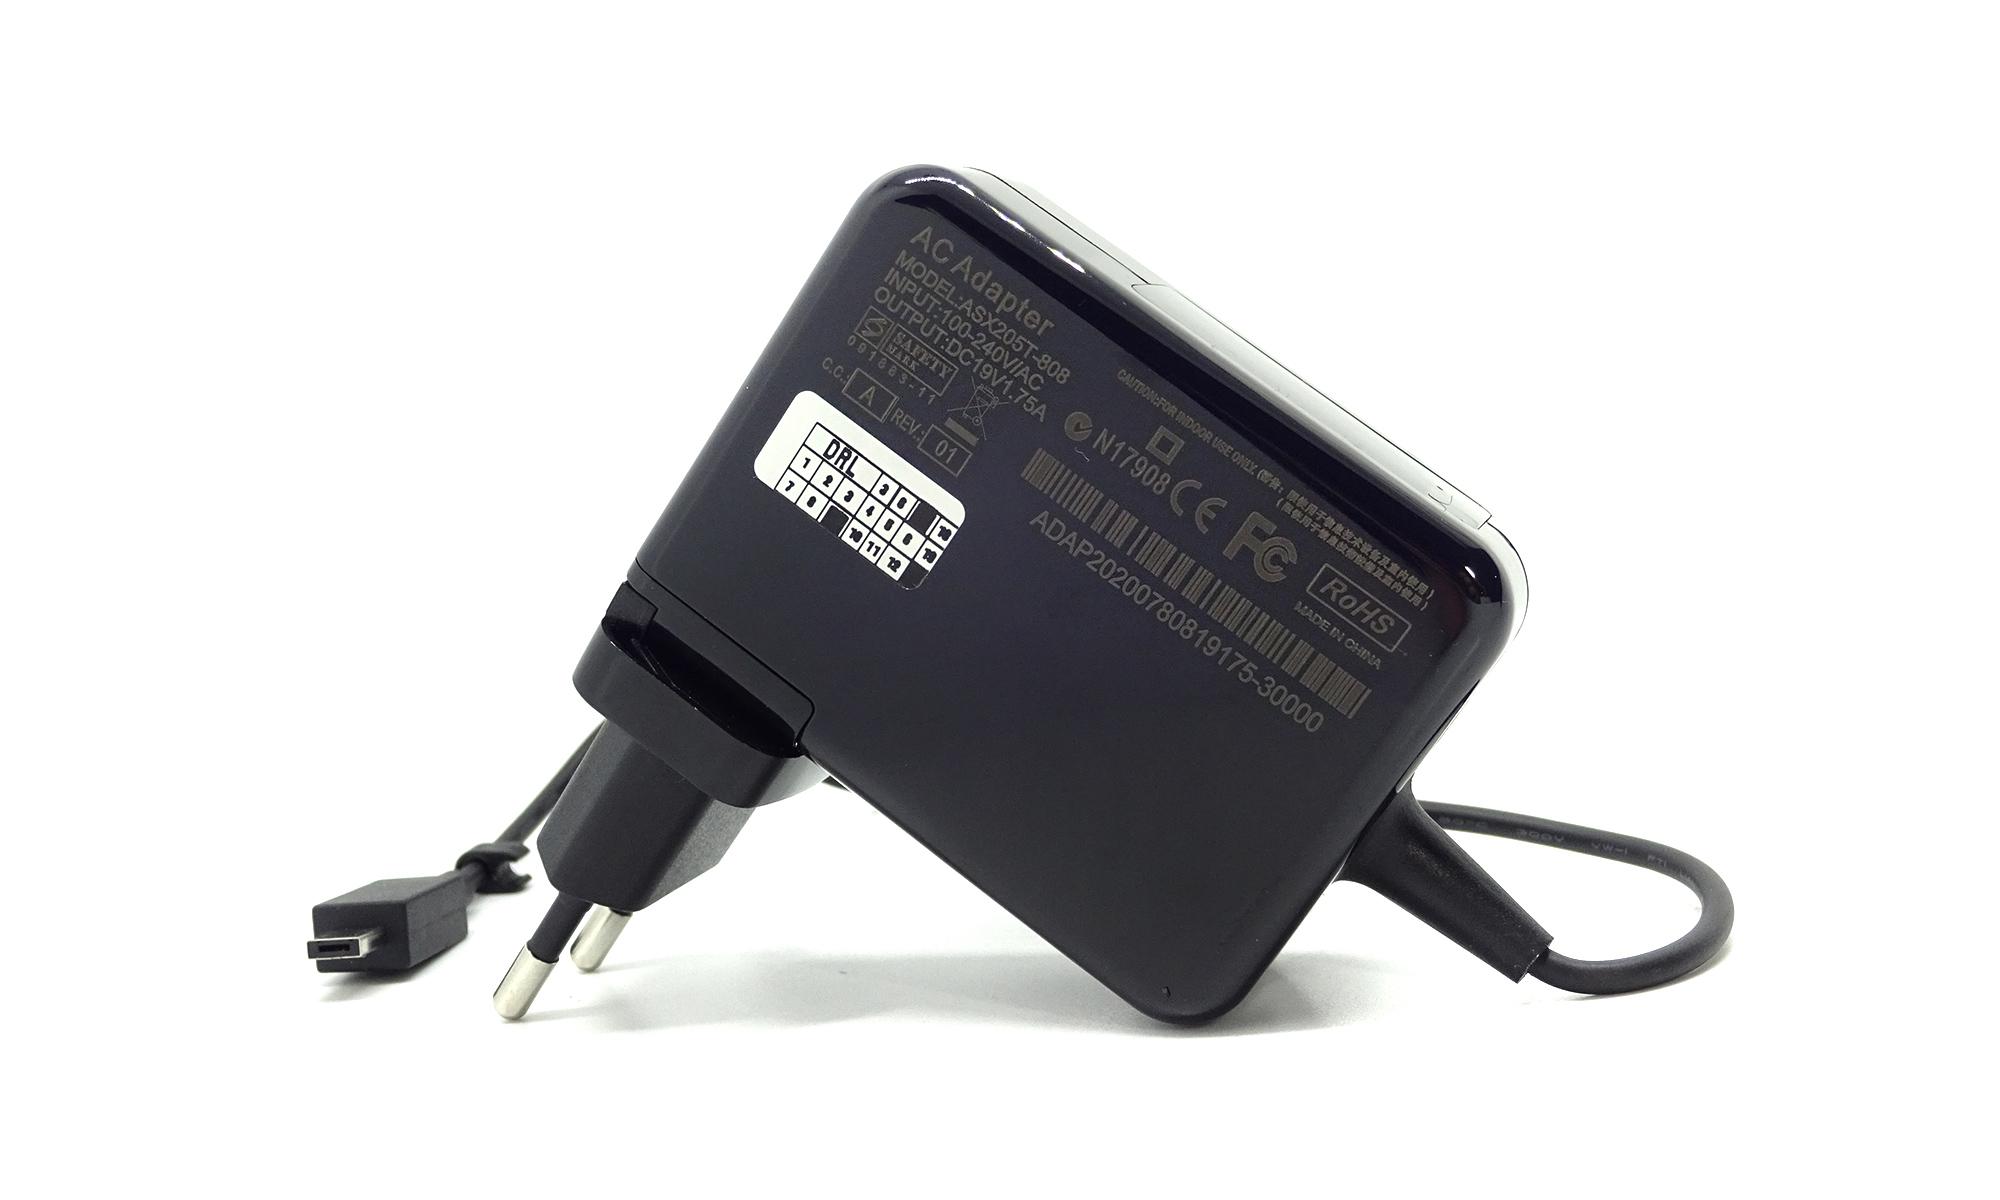 Incarcator compatibil Asus Eee Book E200HA, E202SA, E205SA, F205TA, L200HA, R205TA, R209TA, TP200S, TP200SA, X205TA, X206HA, 19V, 1.75A, 33W